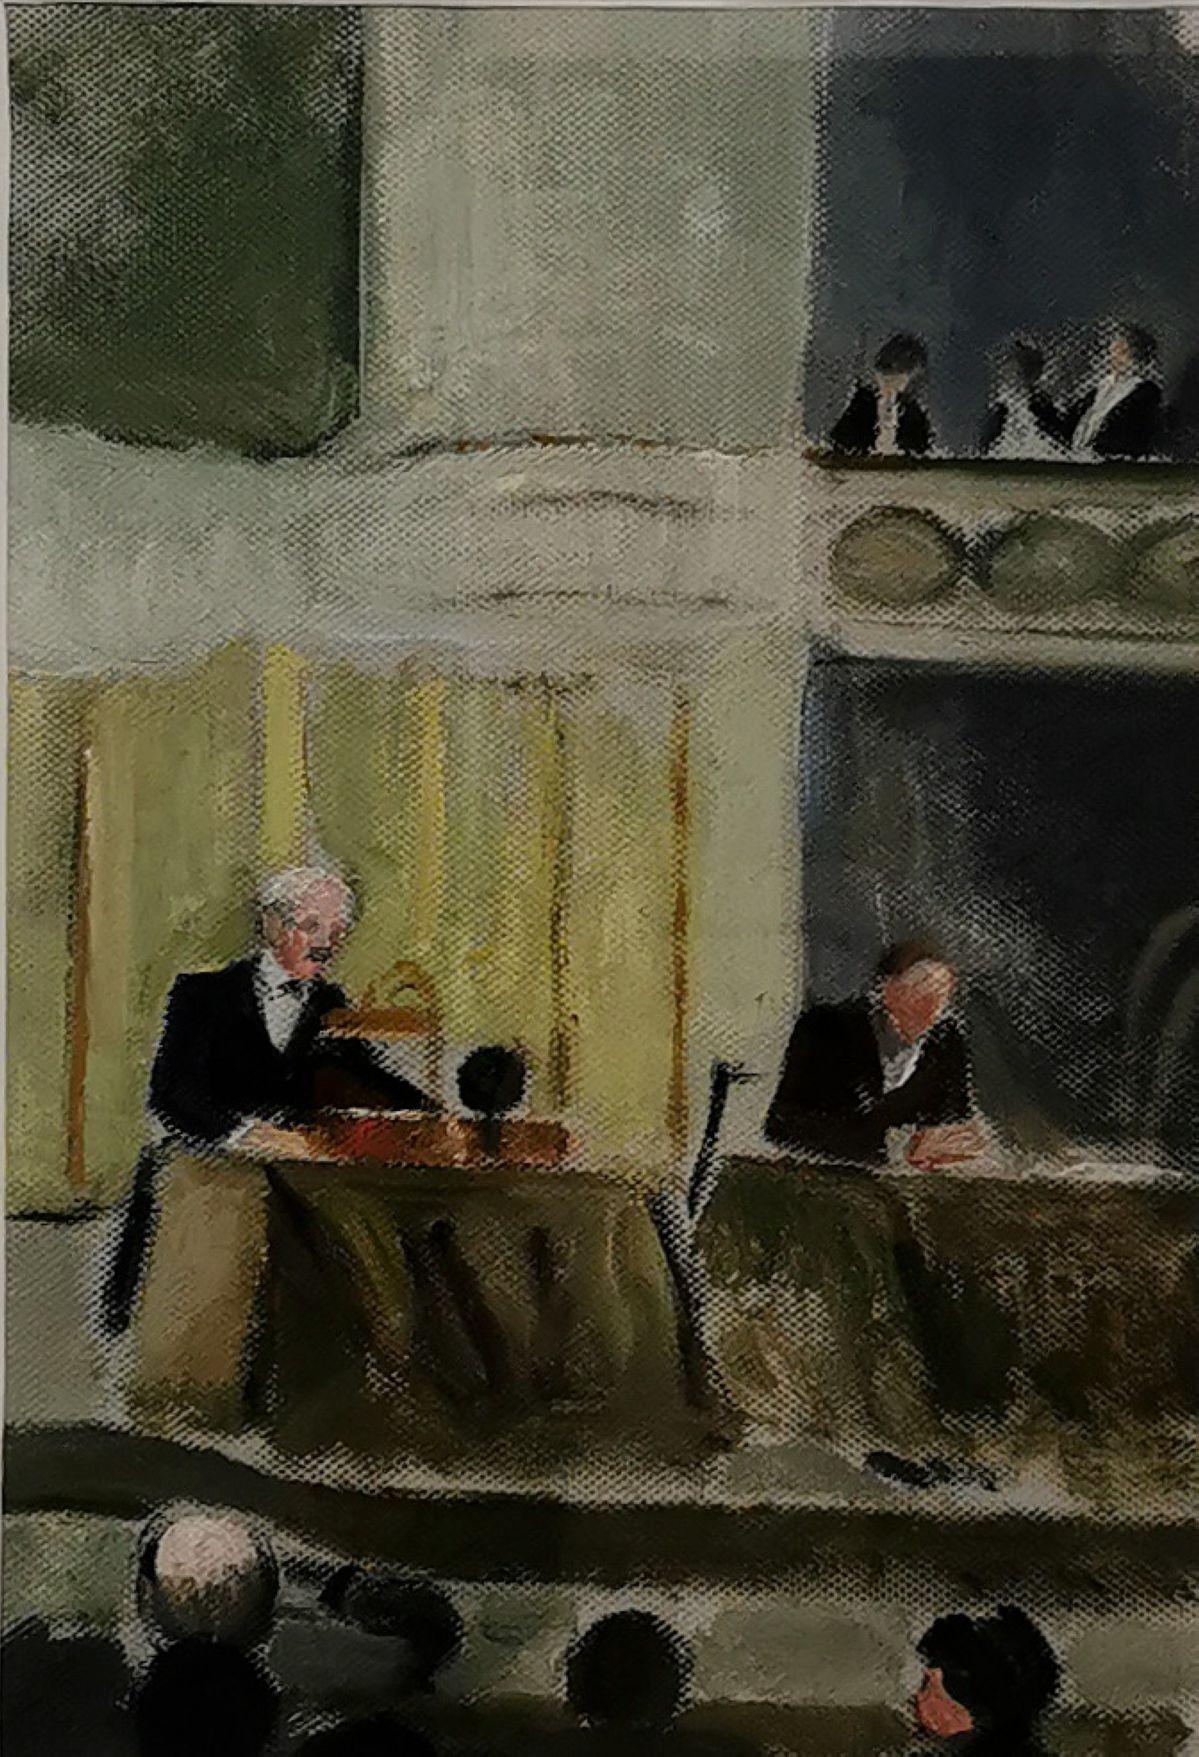 Paule Gobillard - Paul Valéry faisant une conférence aux annales, salle Gaveau, c 1937 - Paul Valéry et les peintres - Le cercle familial - Musée Paul Valéry à Sète